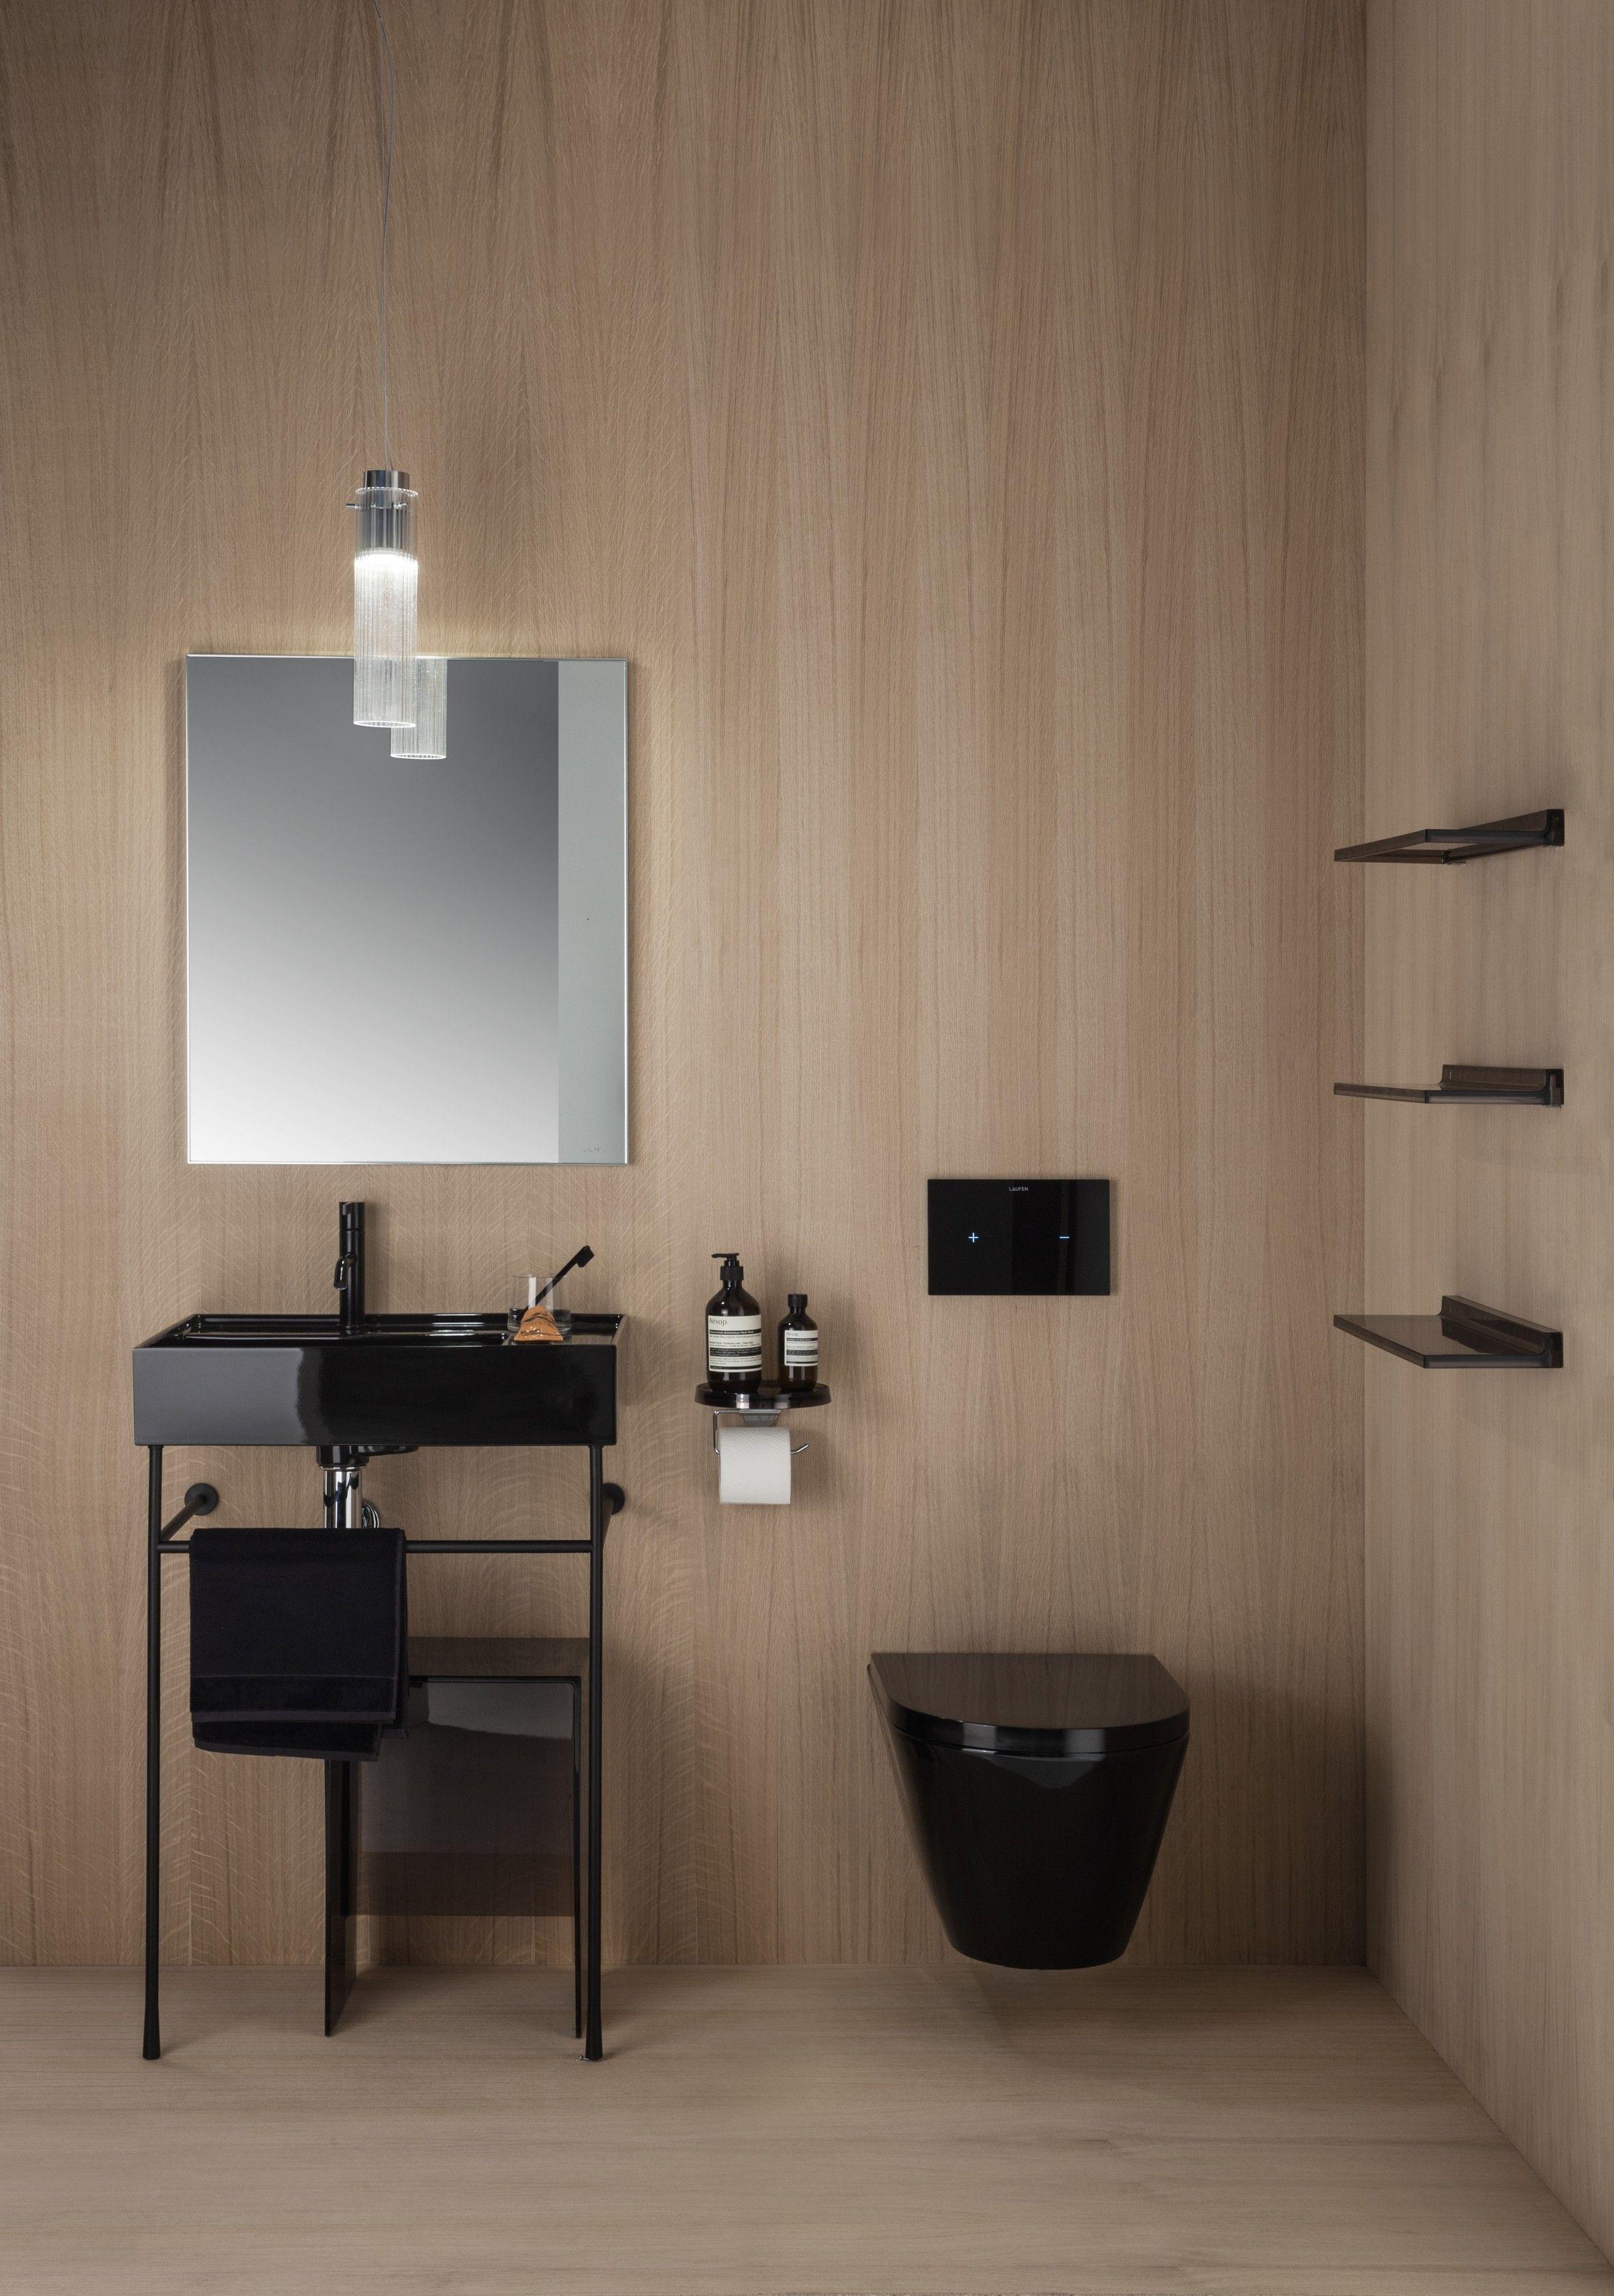 kartell salle de bain Kartell by Laufen lavabo noir sur piétement. WC noir. Au show-room David B  à Paris